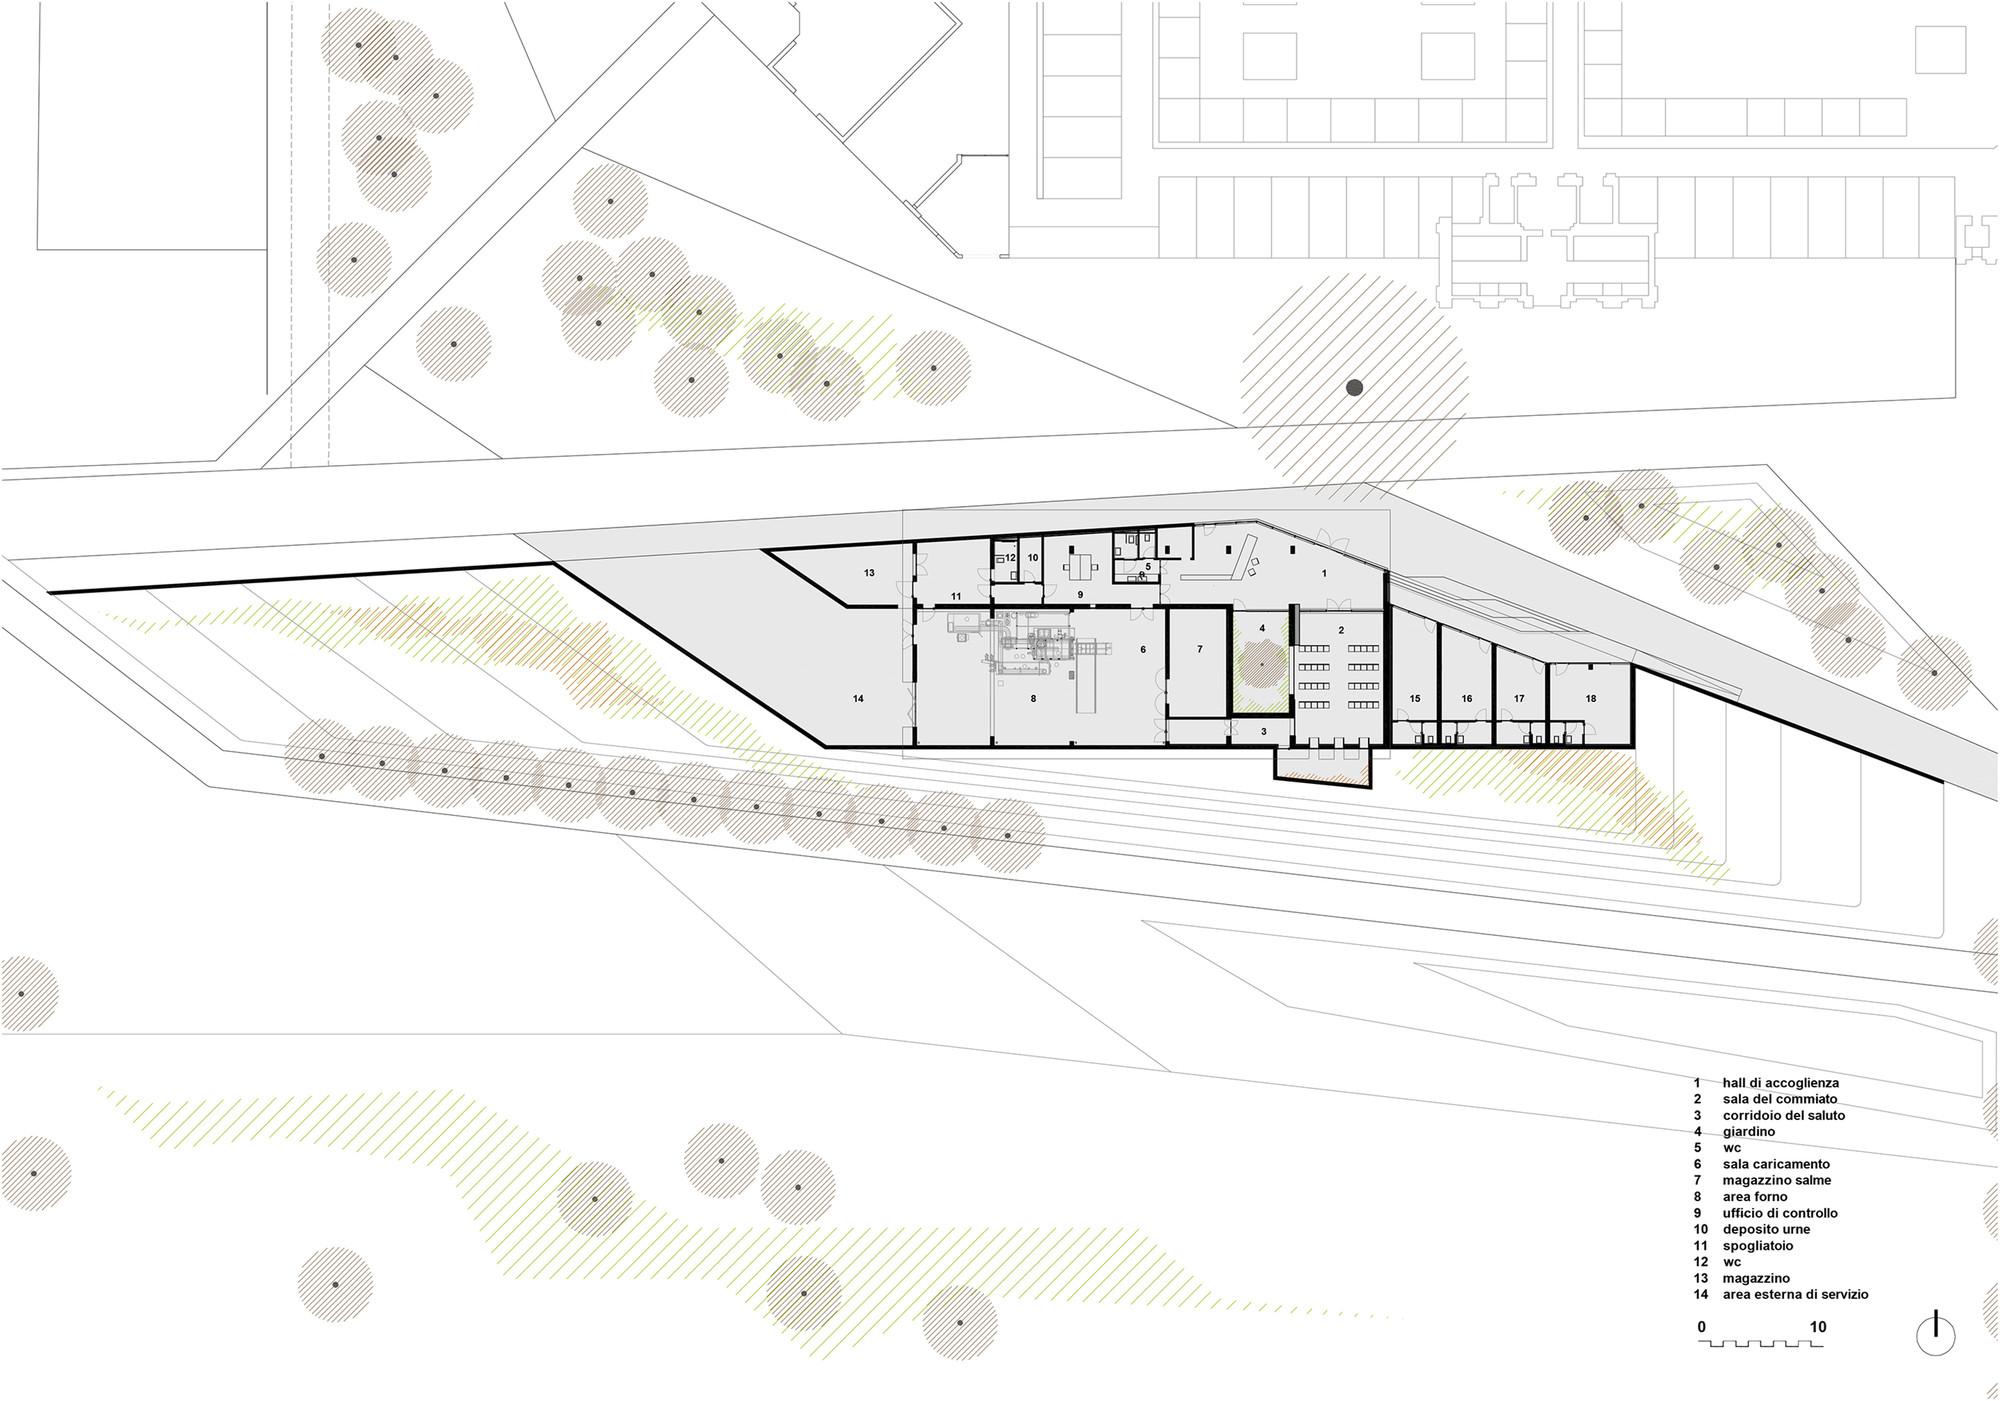 Typical Floor Plan New Crematorium In Copparo Patrimonio Copparo Archdaily